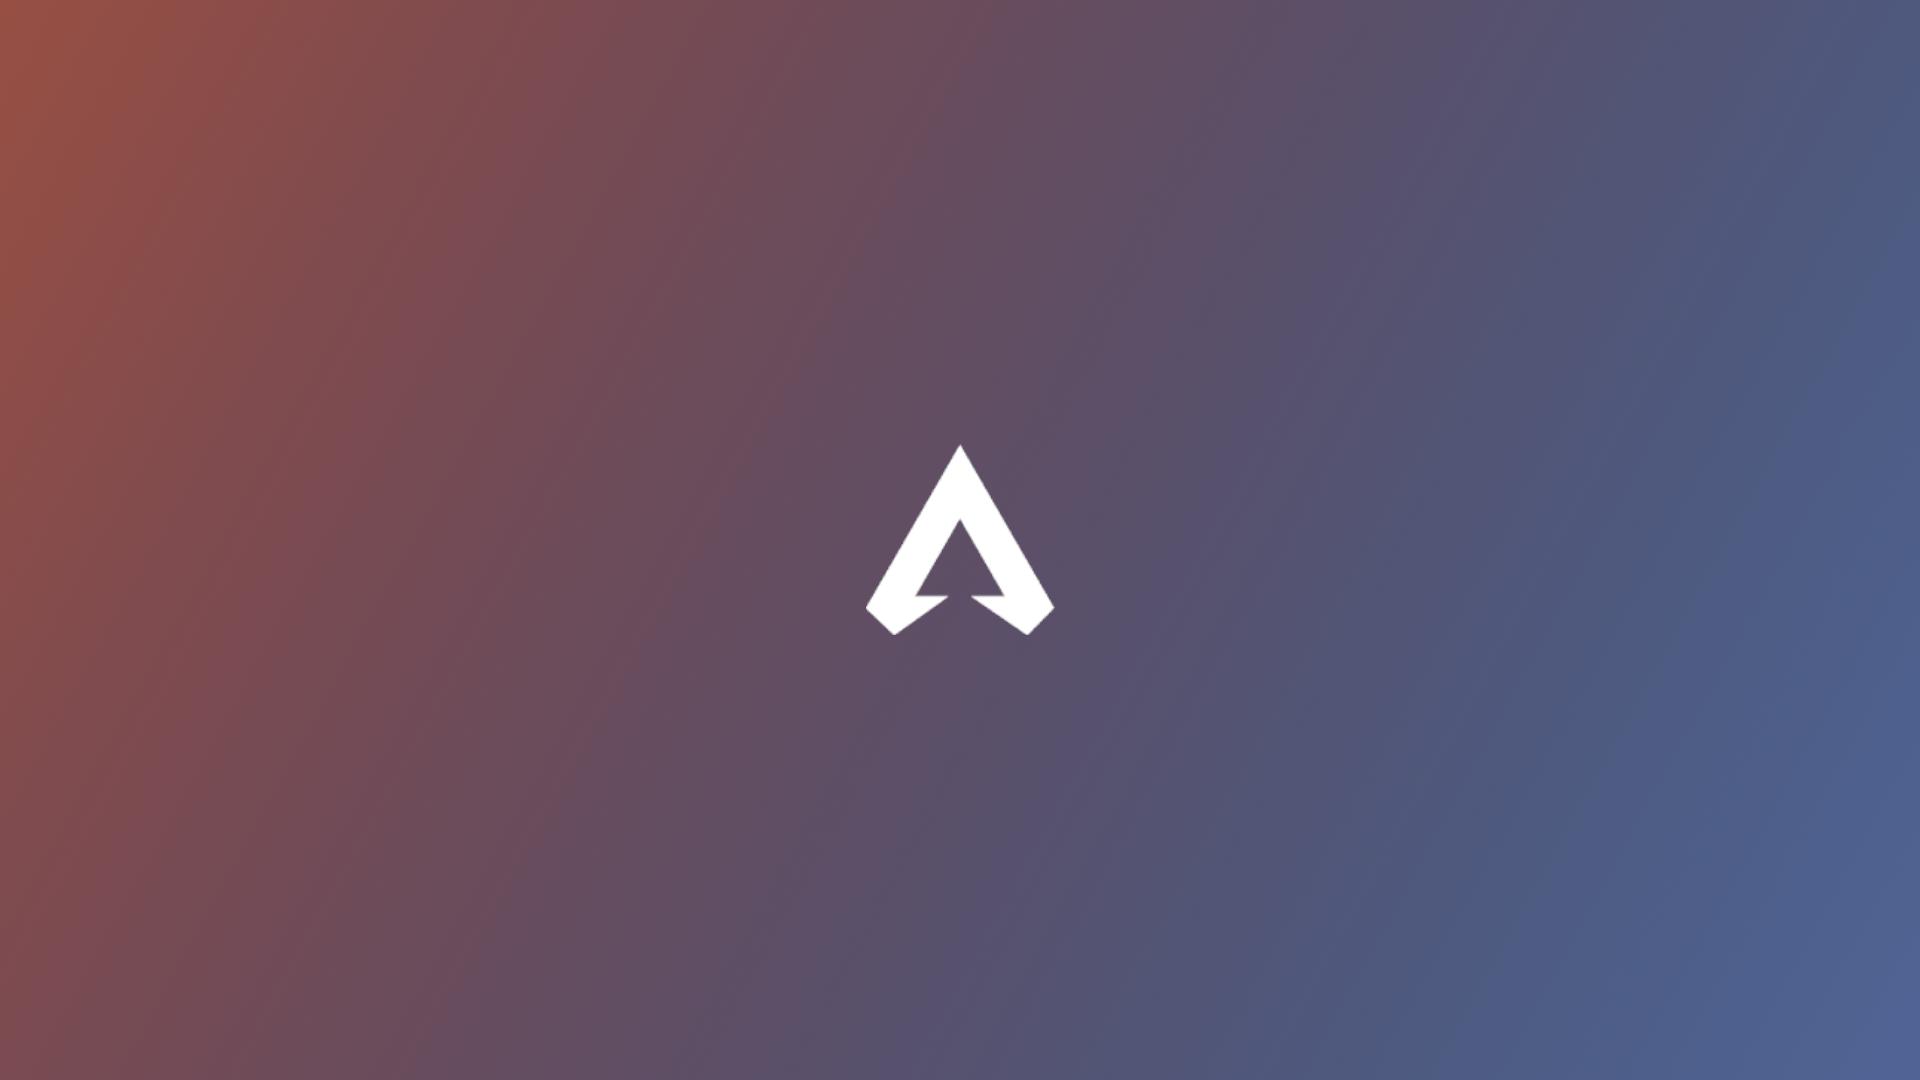 Apex Legends Logo Wallpapers - Wallpaper Cave